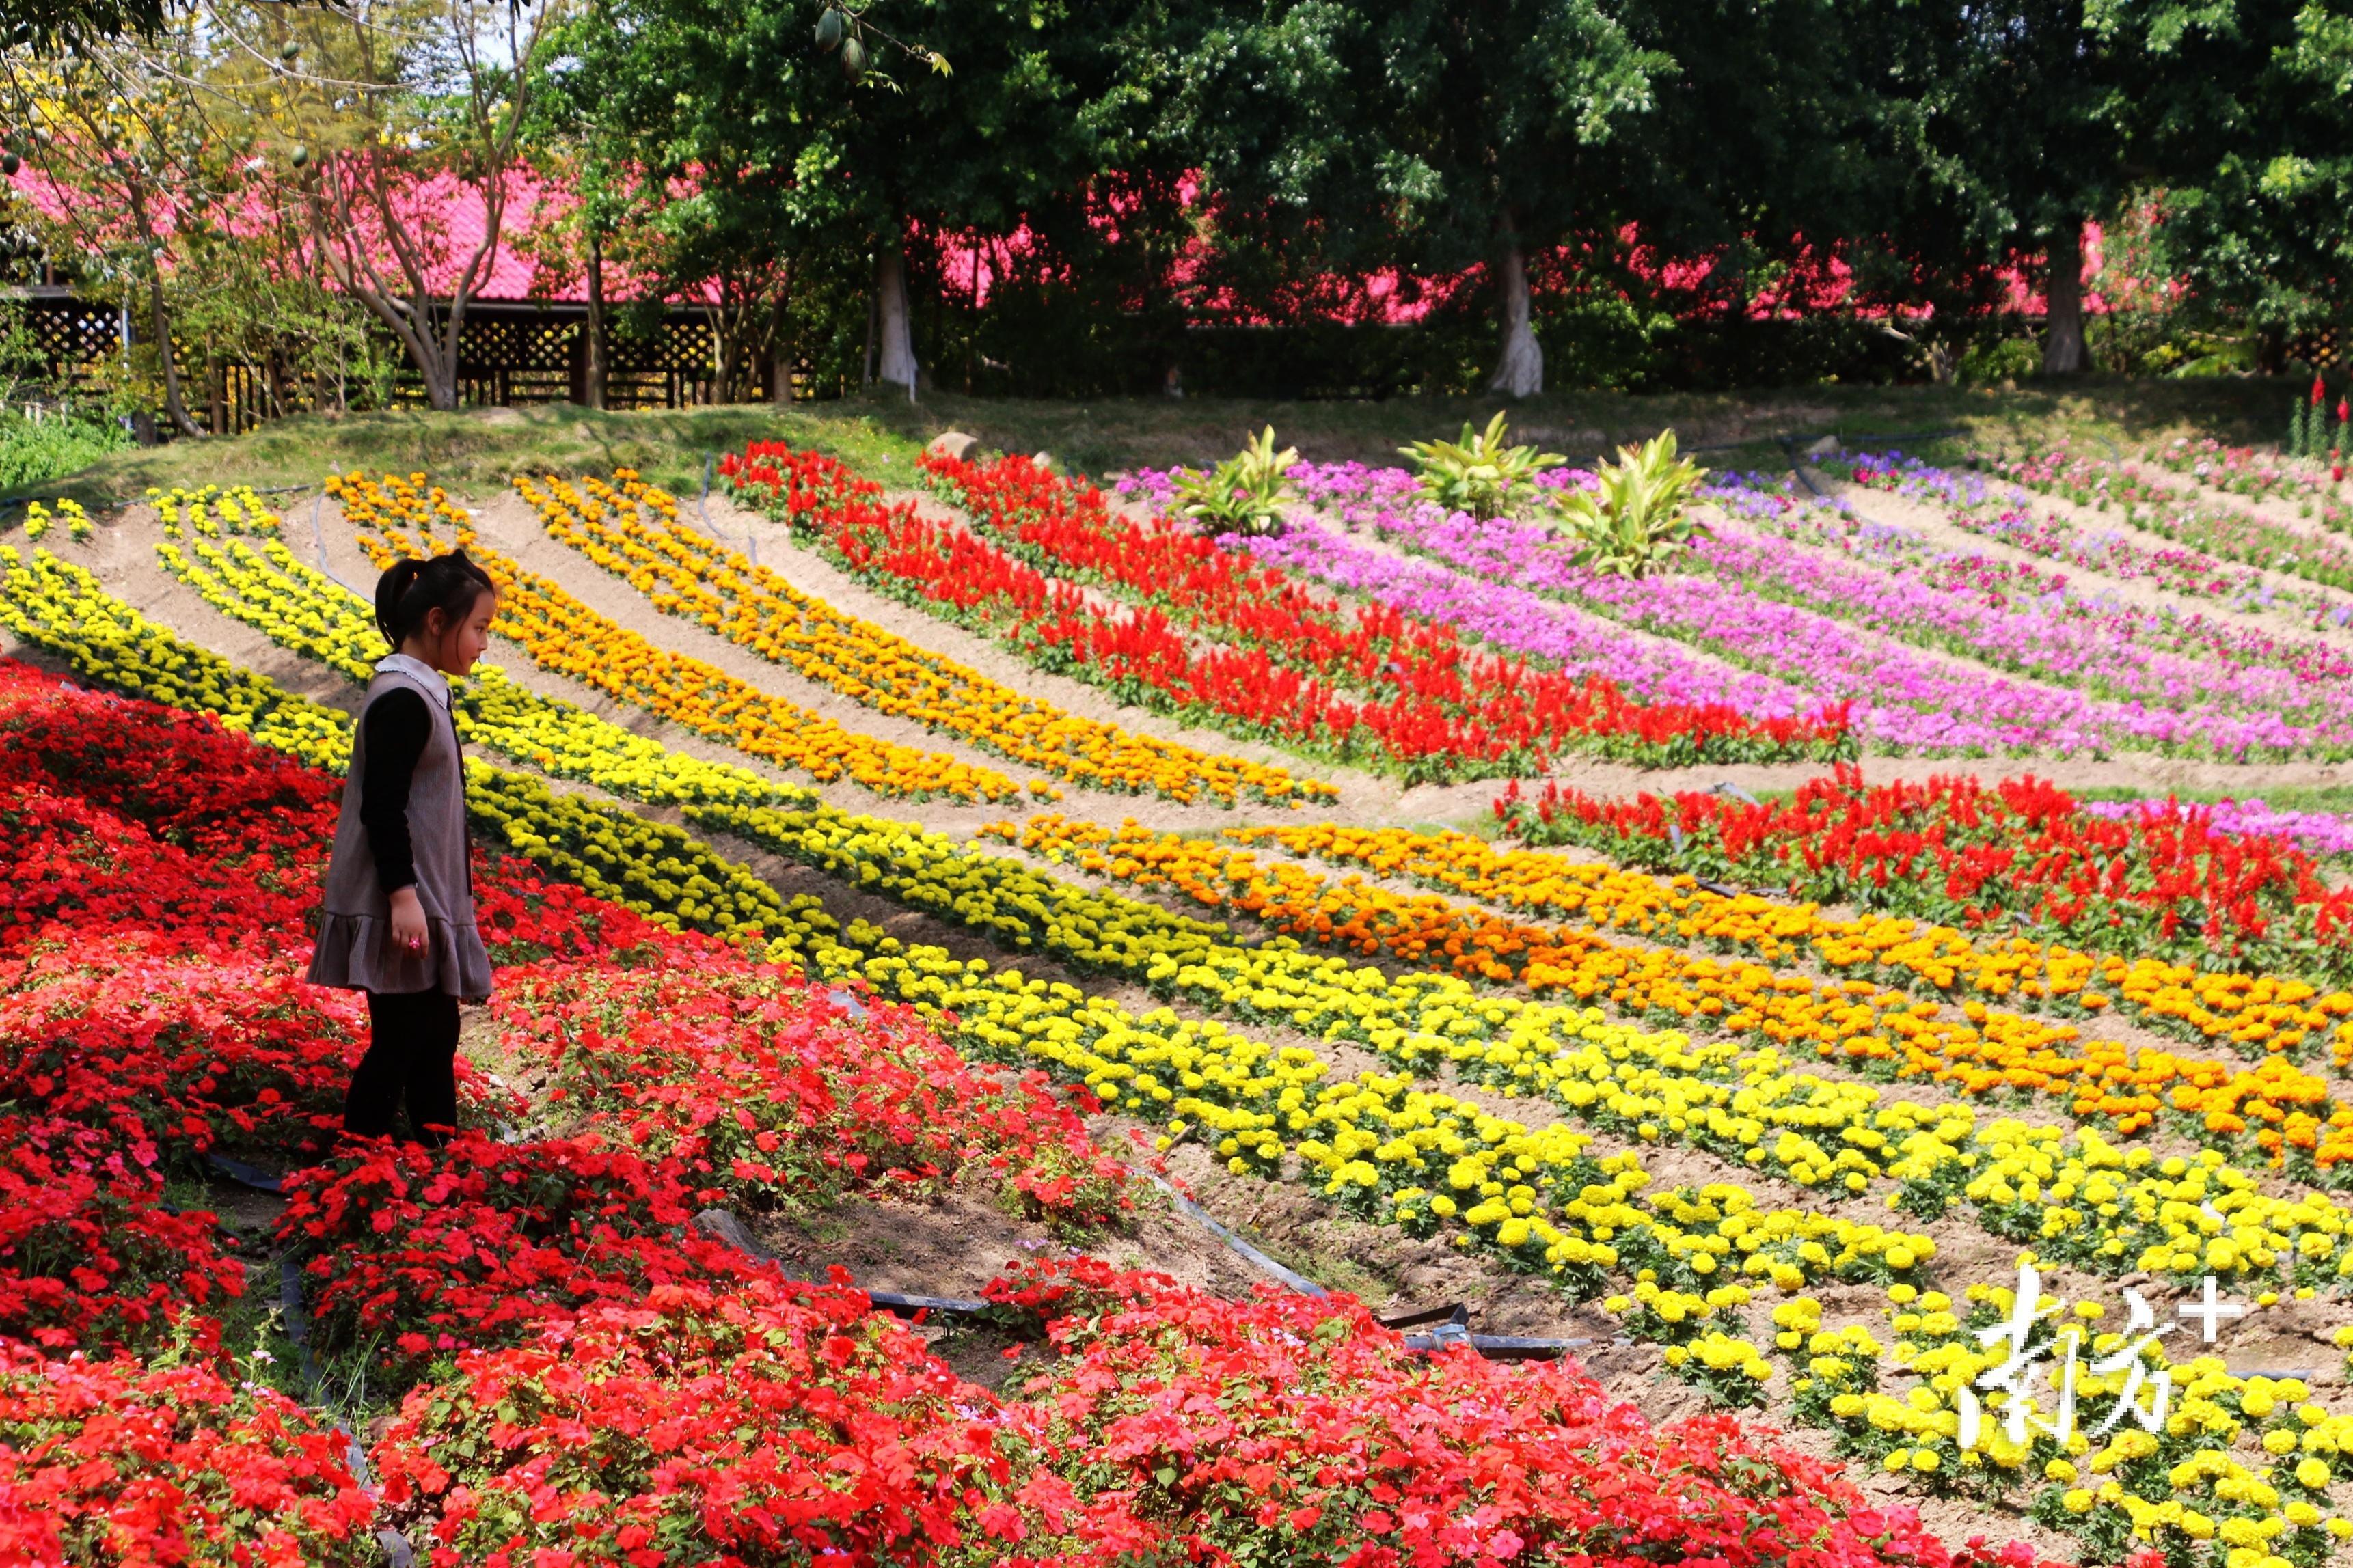 在濠江丹樱生态园,可以尽情享受大自然的美,感受百亩浪漫花海以及各种游玩项目。  南方+ 张伟炜 拍摄